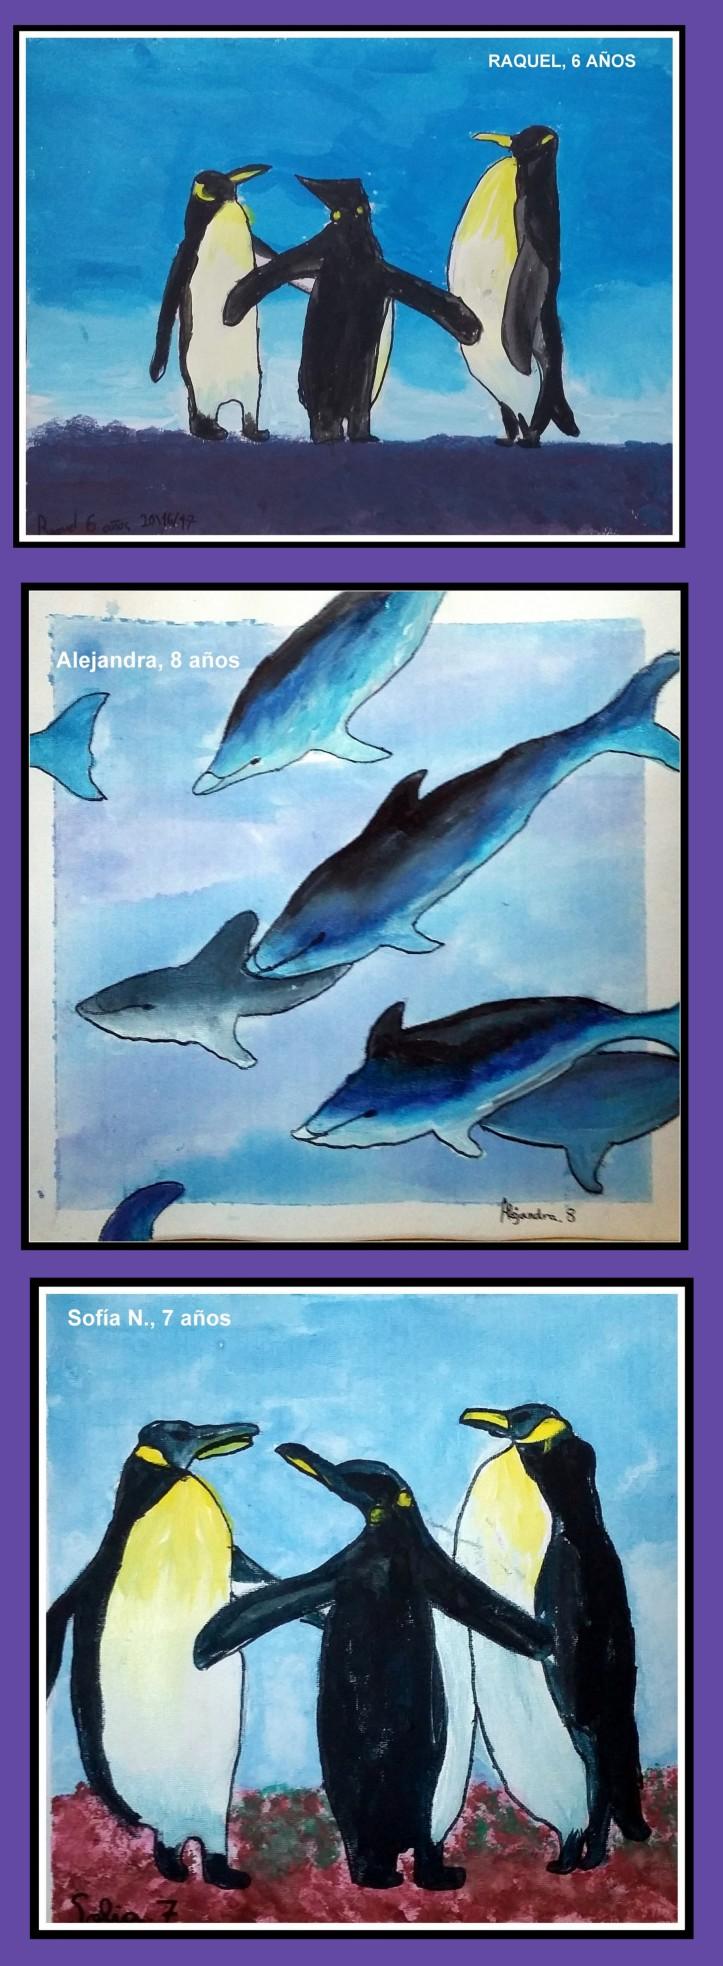 delfines-y-pinguinos-pintados-en-temperas-y-acuarela-por-ninos-clases-de-pintura-para-ninos-en-torrejon-de-ardoz